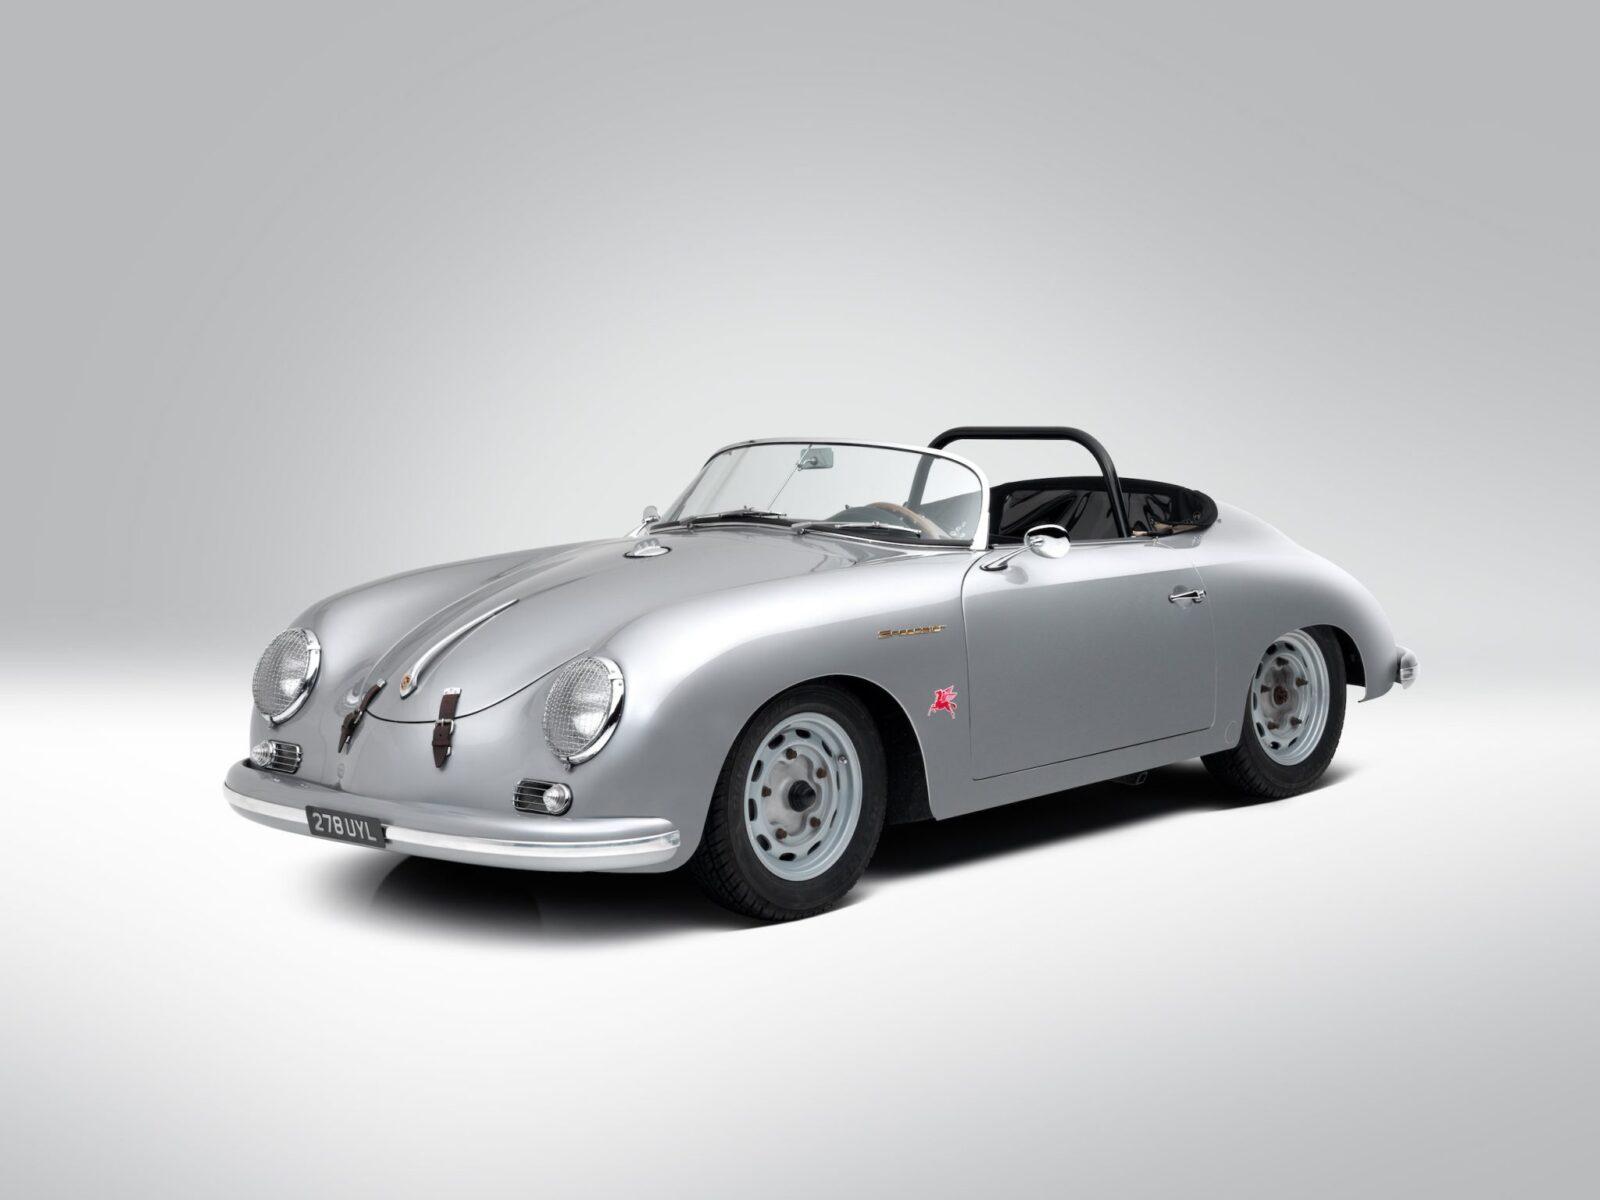 Porsche 356 Speedster 1600x1200 - 1958 Porsche 356 A 1600 Super Speedster